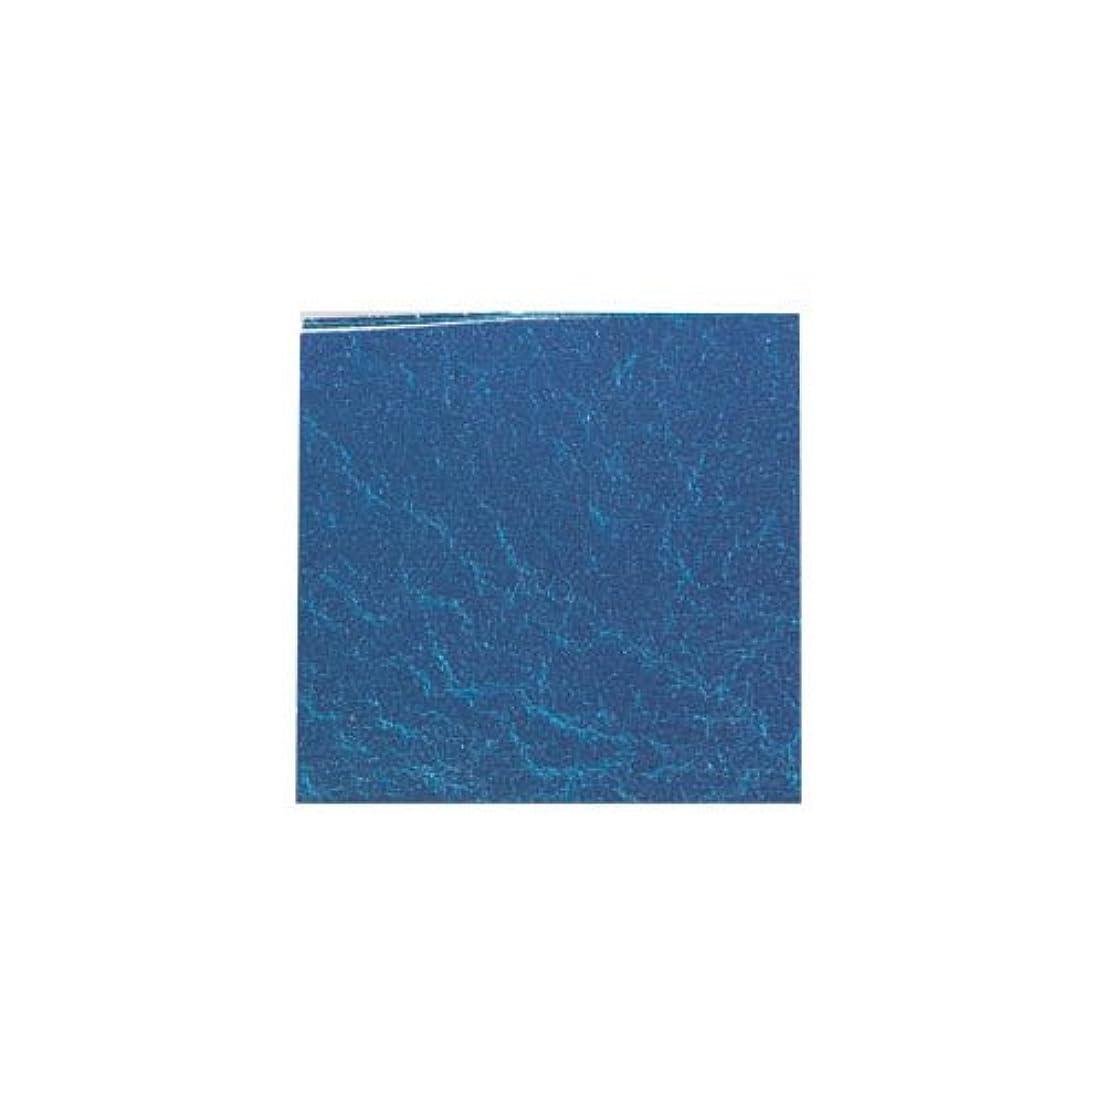 嵐が丘見物人タイヤピカエース ネイル用パウダー カラー純銀箔 #613 藍色 3.5㎜角×5枚